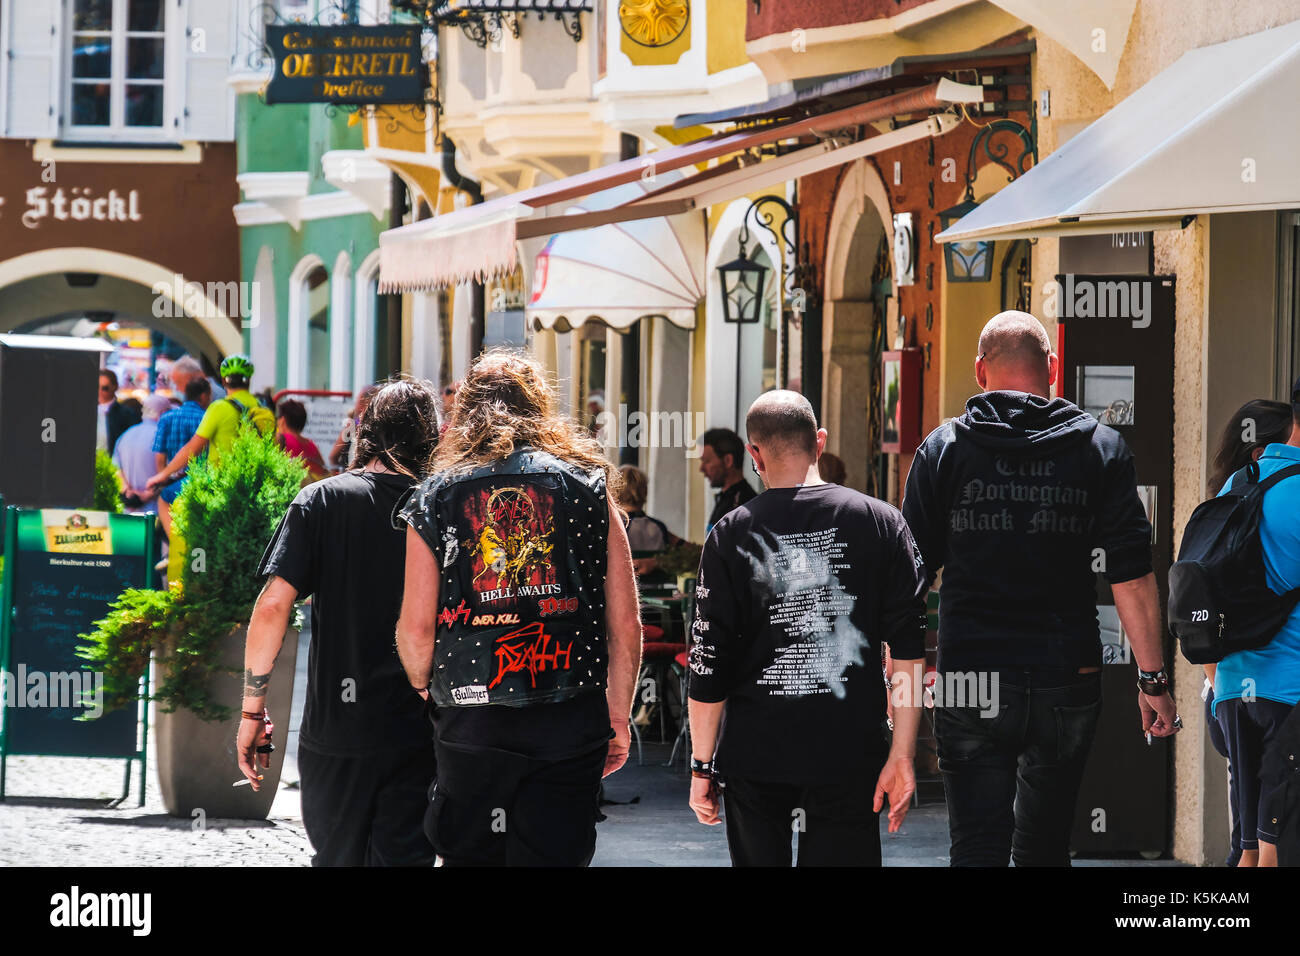 Wacken, Deutschland, 13.August 2017: Heavy Metal Fans, Metalheads zu Fuß auf der Straße von hinten gesehen. Alternative Musik lifestyle Stockbild